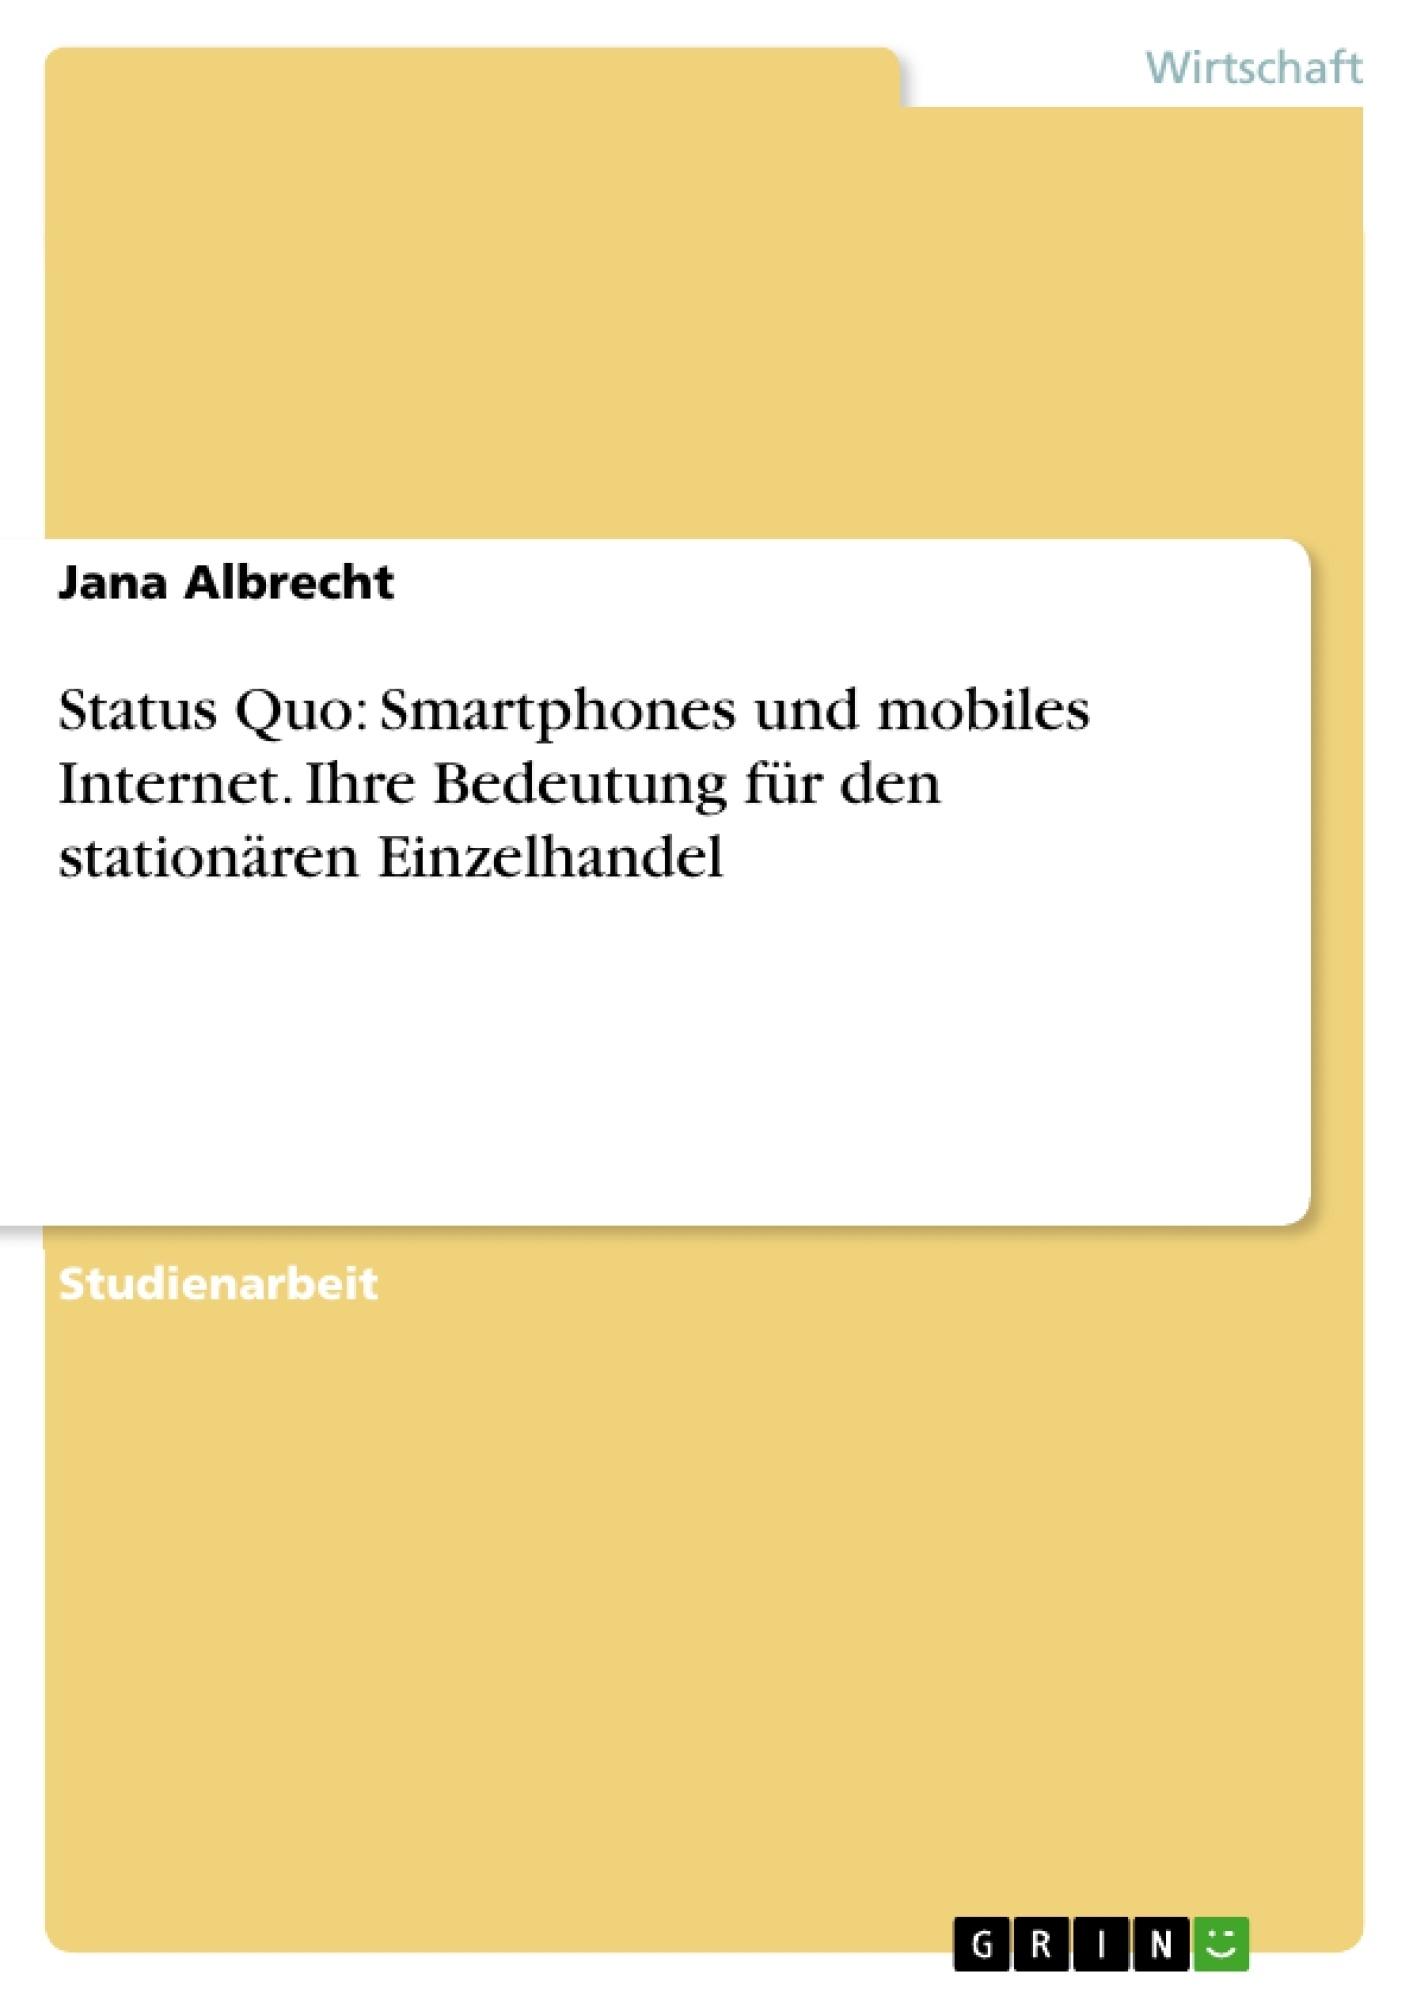 Titel: Status Quo: Smartphones und mobiles Internet. Ihre Bedeutung für den stationären Einzelhandel